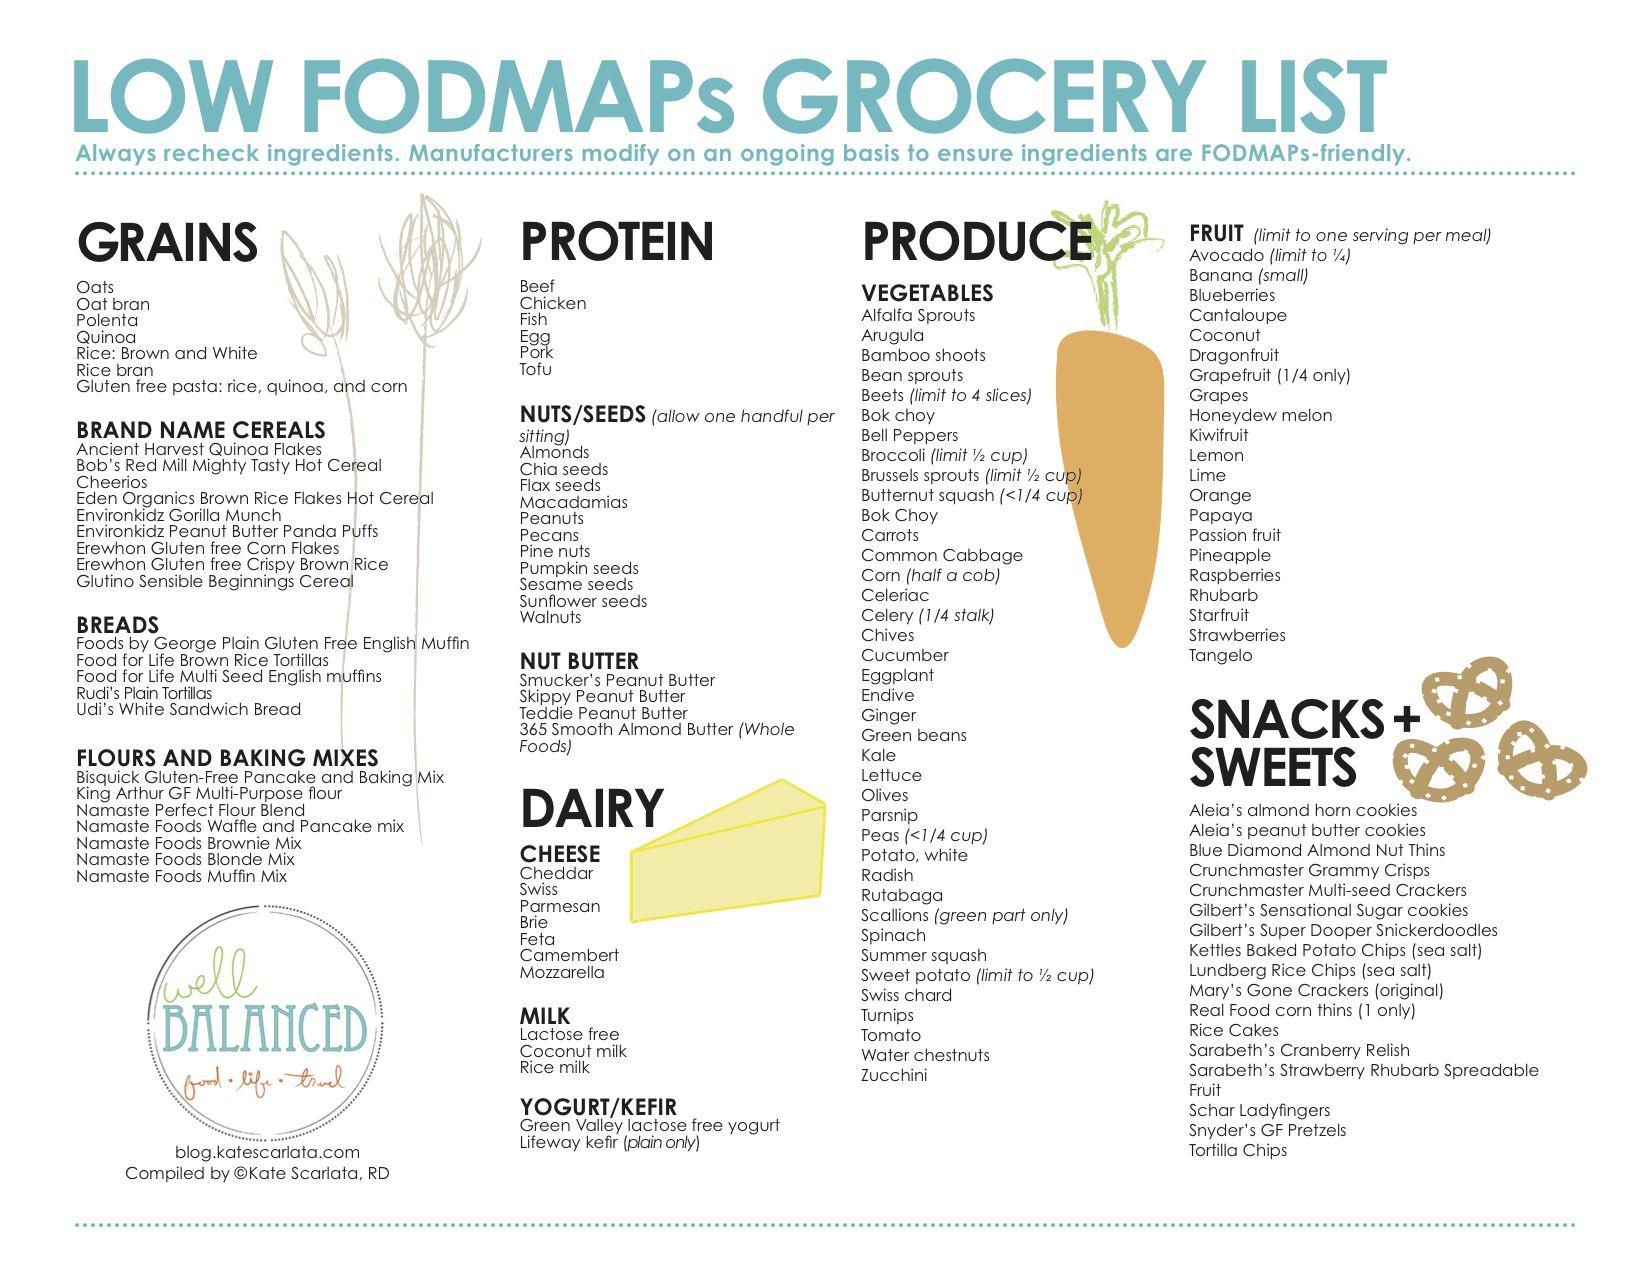 Low FODMAP grocery list Fodmap, Fodmap diet, Low fodmap